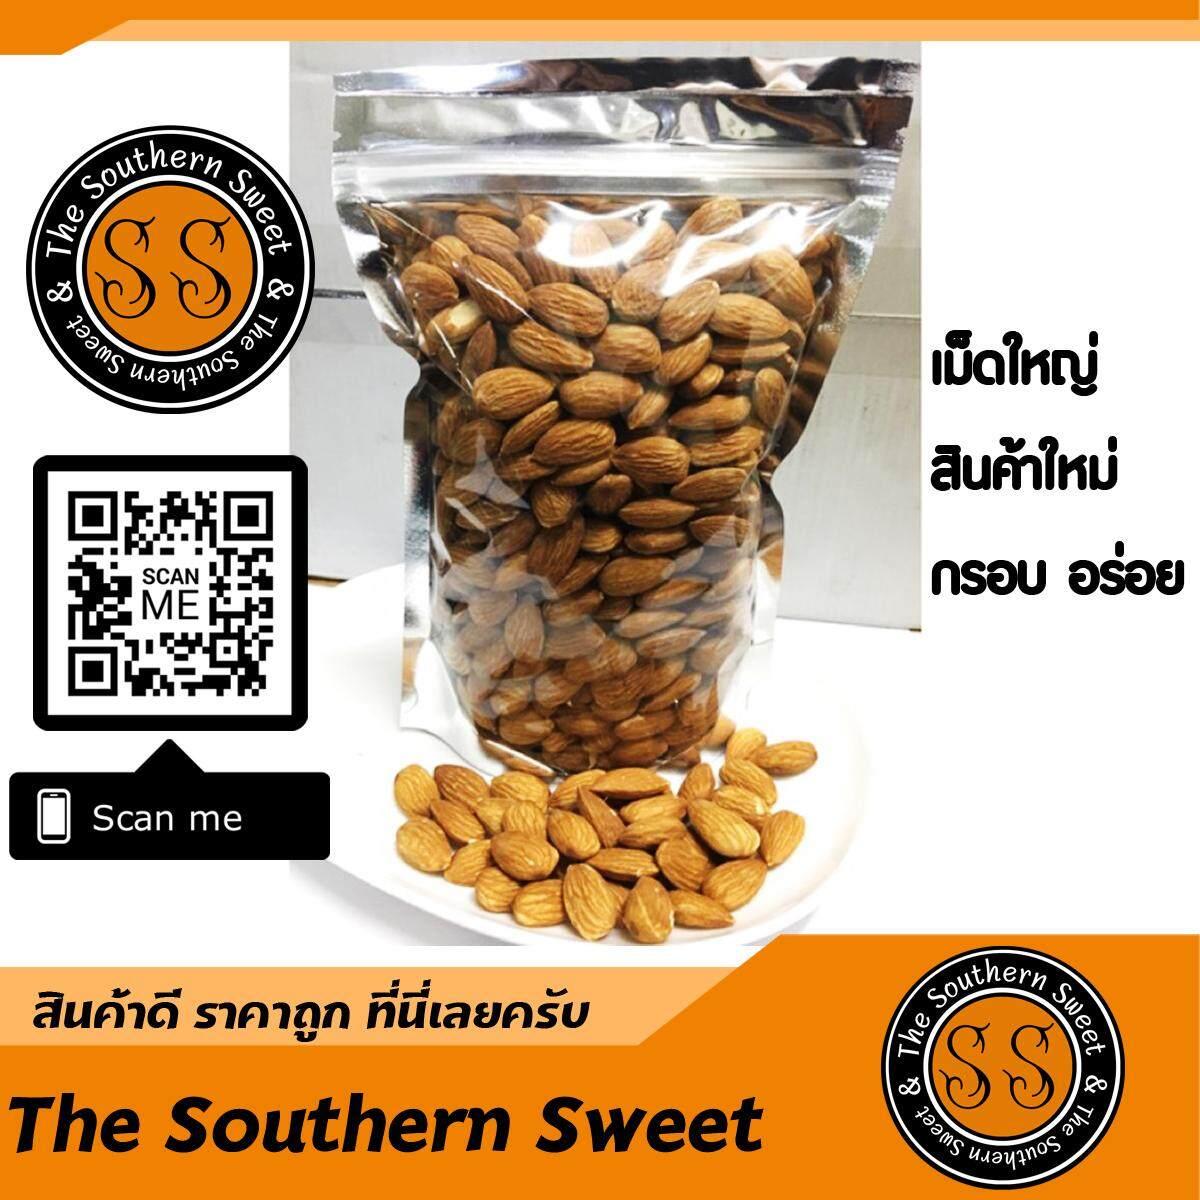 อัลมอนด์อบธรรมชาติ ไม่ใส่เกลือ ขนาด 500g. Almond ถั่วอัลมอนด์อบธรรมชาติ ไม่ใส่เกลือ ขนาด อบใหม่ๆ หอมกรอบ อัลมอน ในซิปอย่างดี จากร้าน The Southern Sweet.